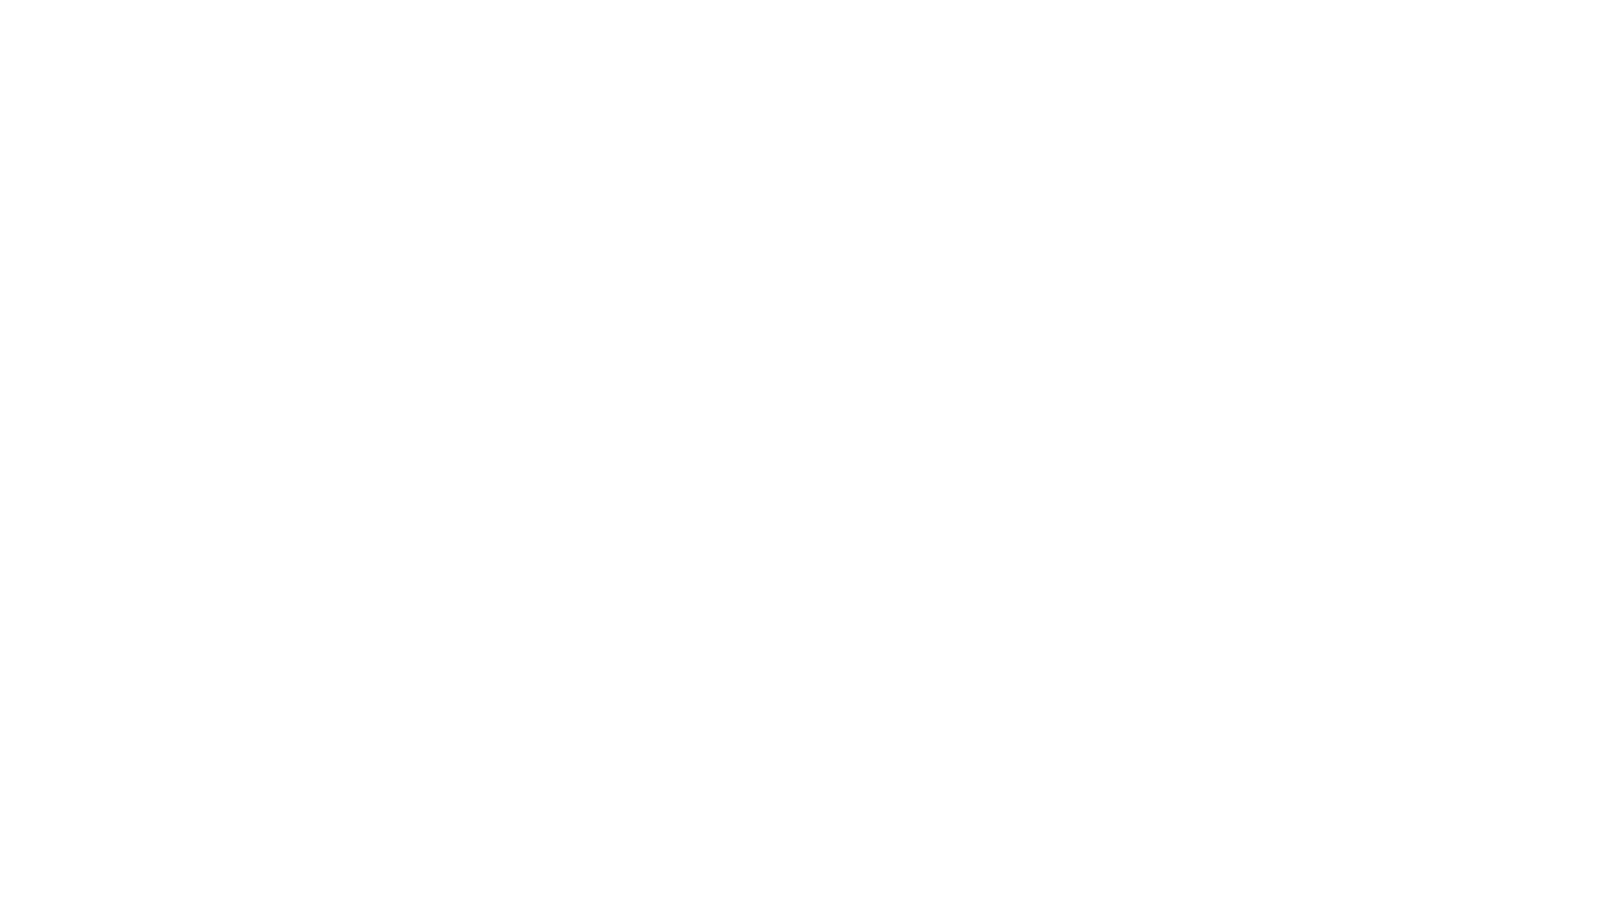 O programa Hugueney  Bisneto entrevista  o grupo Musical Arte Fantástica, O bate papo rolou com os dois de seus fundadores, Ricardo Nocera e Thiago Rosa.  Uma entrevista regada de muita boa música e performance únicas. IMPERDÍVEL Inscreva-se no canal e ative o sininho ! acesse nosso site https://hugueneybisneto.com.br/ Apoios, patrocínio, entrevistas e afins através da @netuai  pelo 34. 99809. 7611 ⭐️ ou pelo link:  https://api.whatsapp.com/send?phone=5534998097611&text=Ol%C3%A1,%20desejo%20saber%20sobre%20M%C3%ADdia%20kit%20do%20Hugueney%20Bisneto